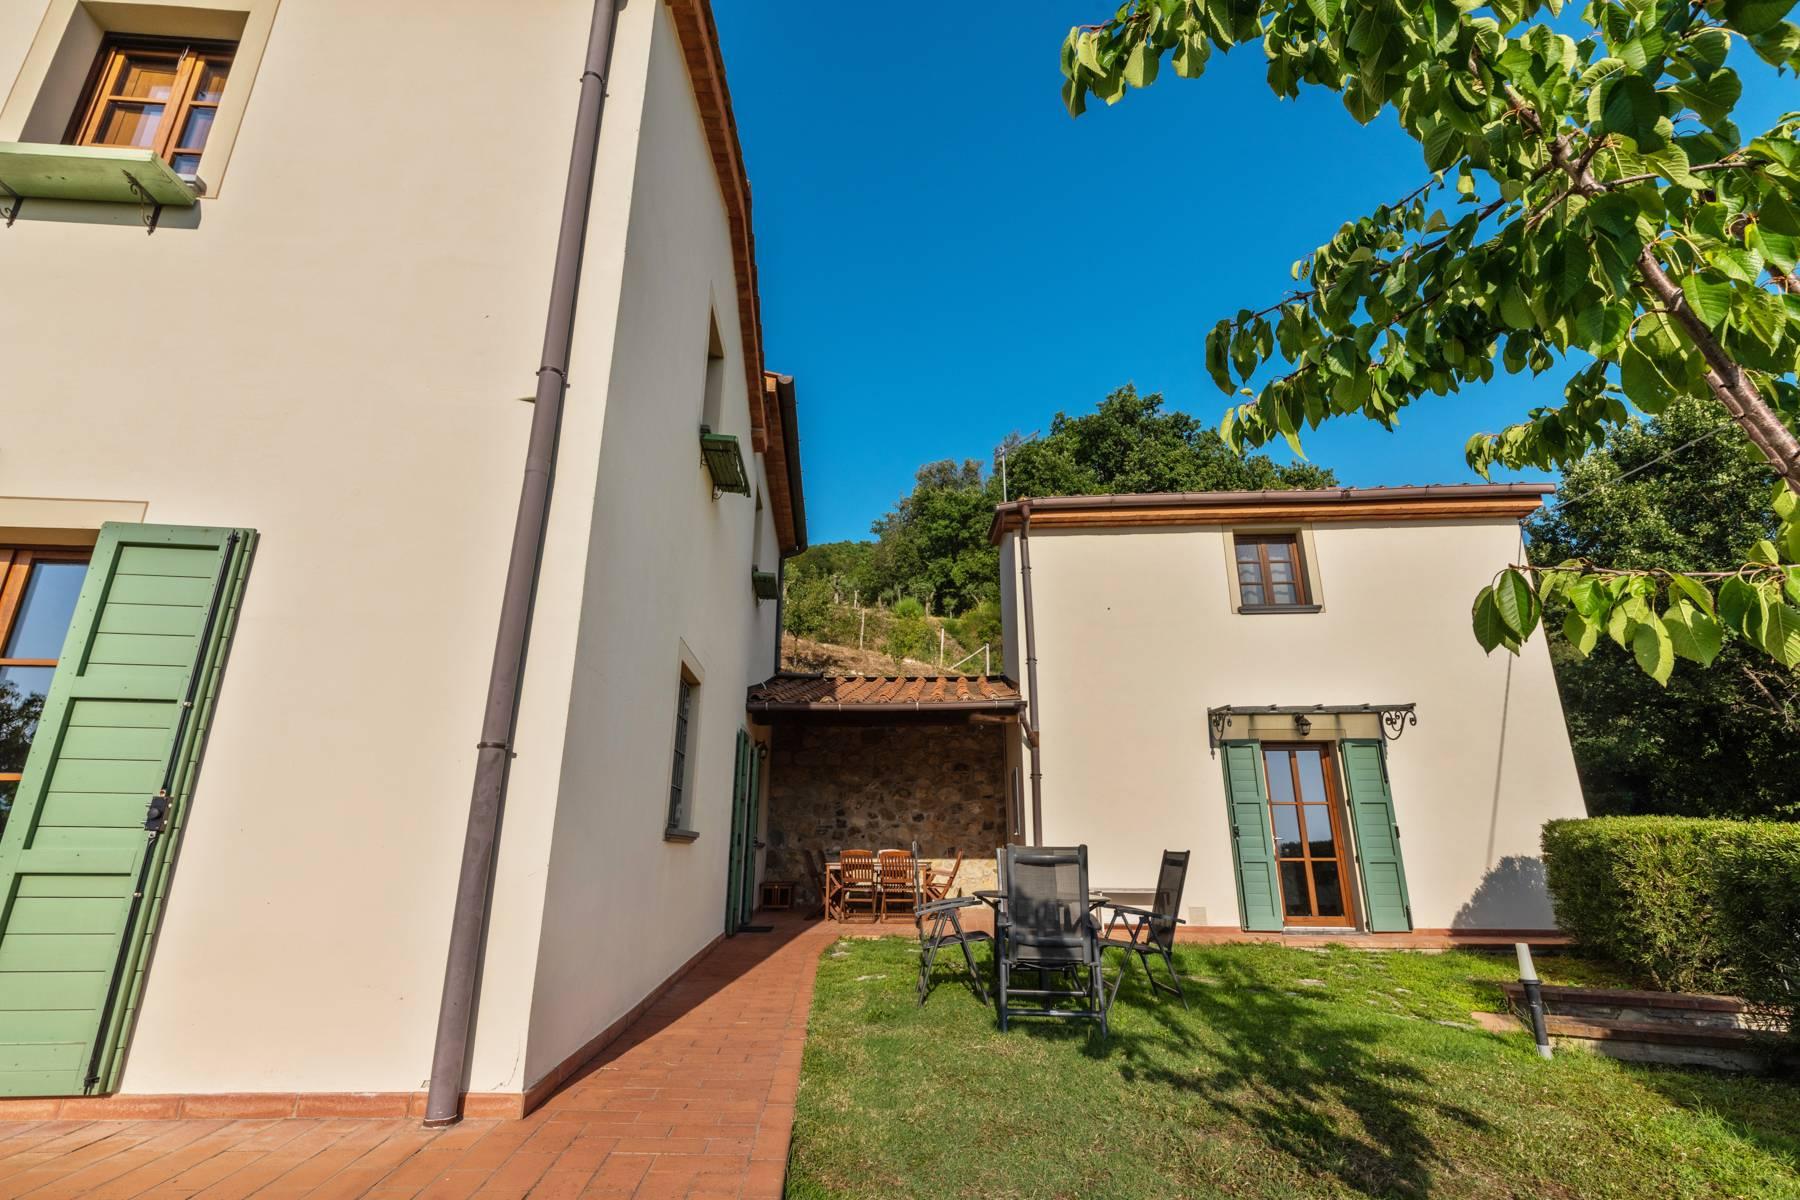 Rustico in Vendita a Monsummano Terme: 5 locali, 380 mq - Foto 12